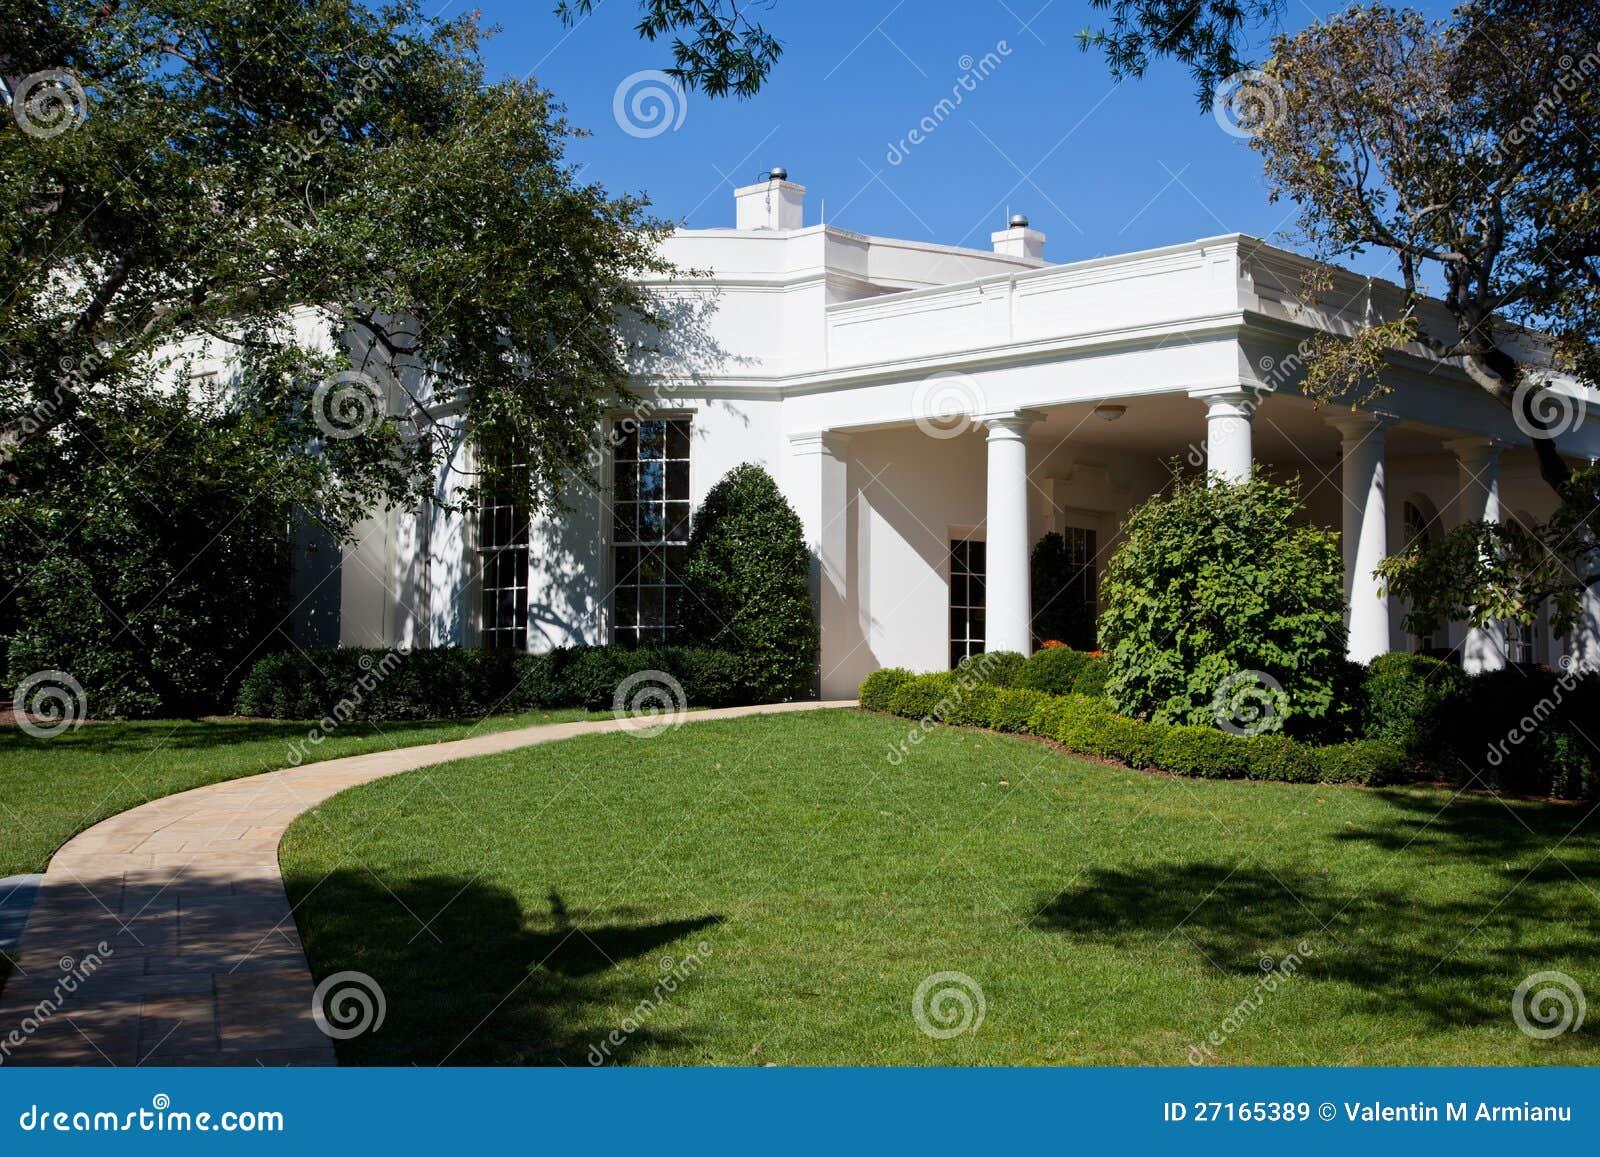 bureau ovale la maison blanche images libres de droits. Black Bedroom Furniture Sets. Home Design Ideas